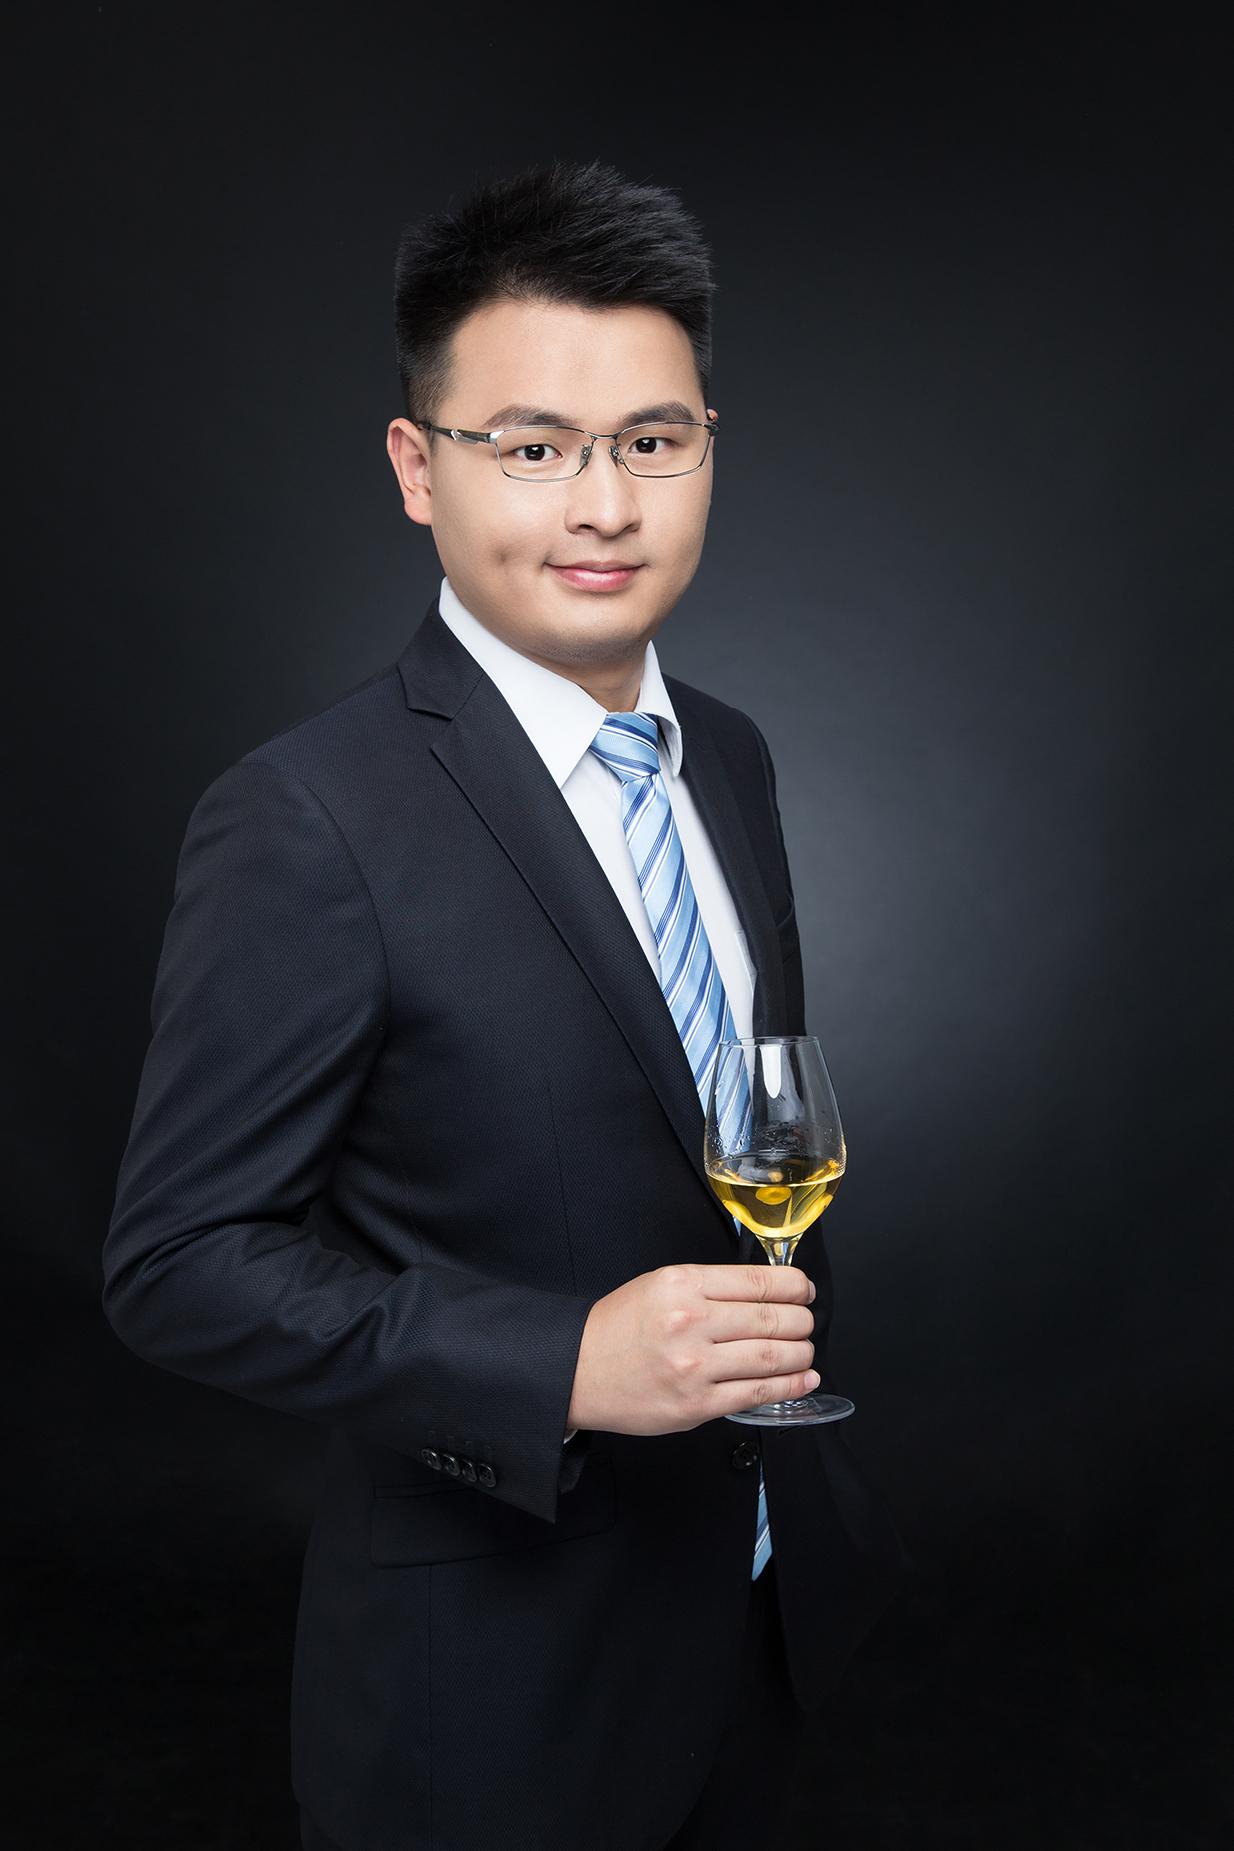 新晋WSET四级得主:酒斛网内容总监刘若晨谈考试心得